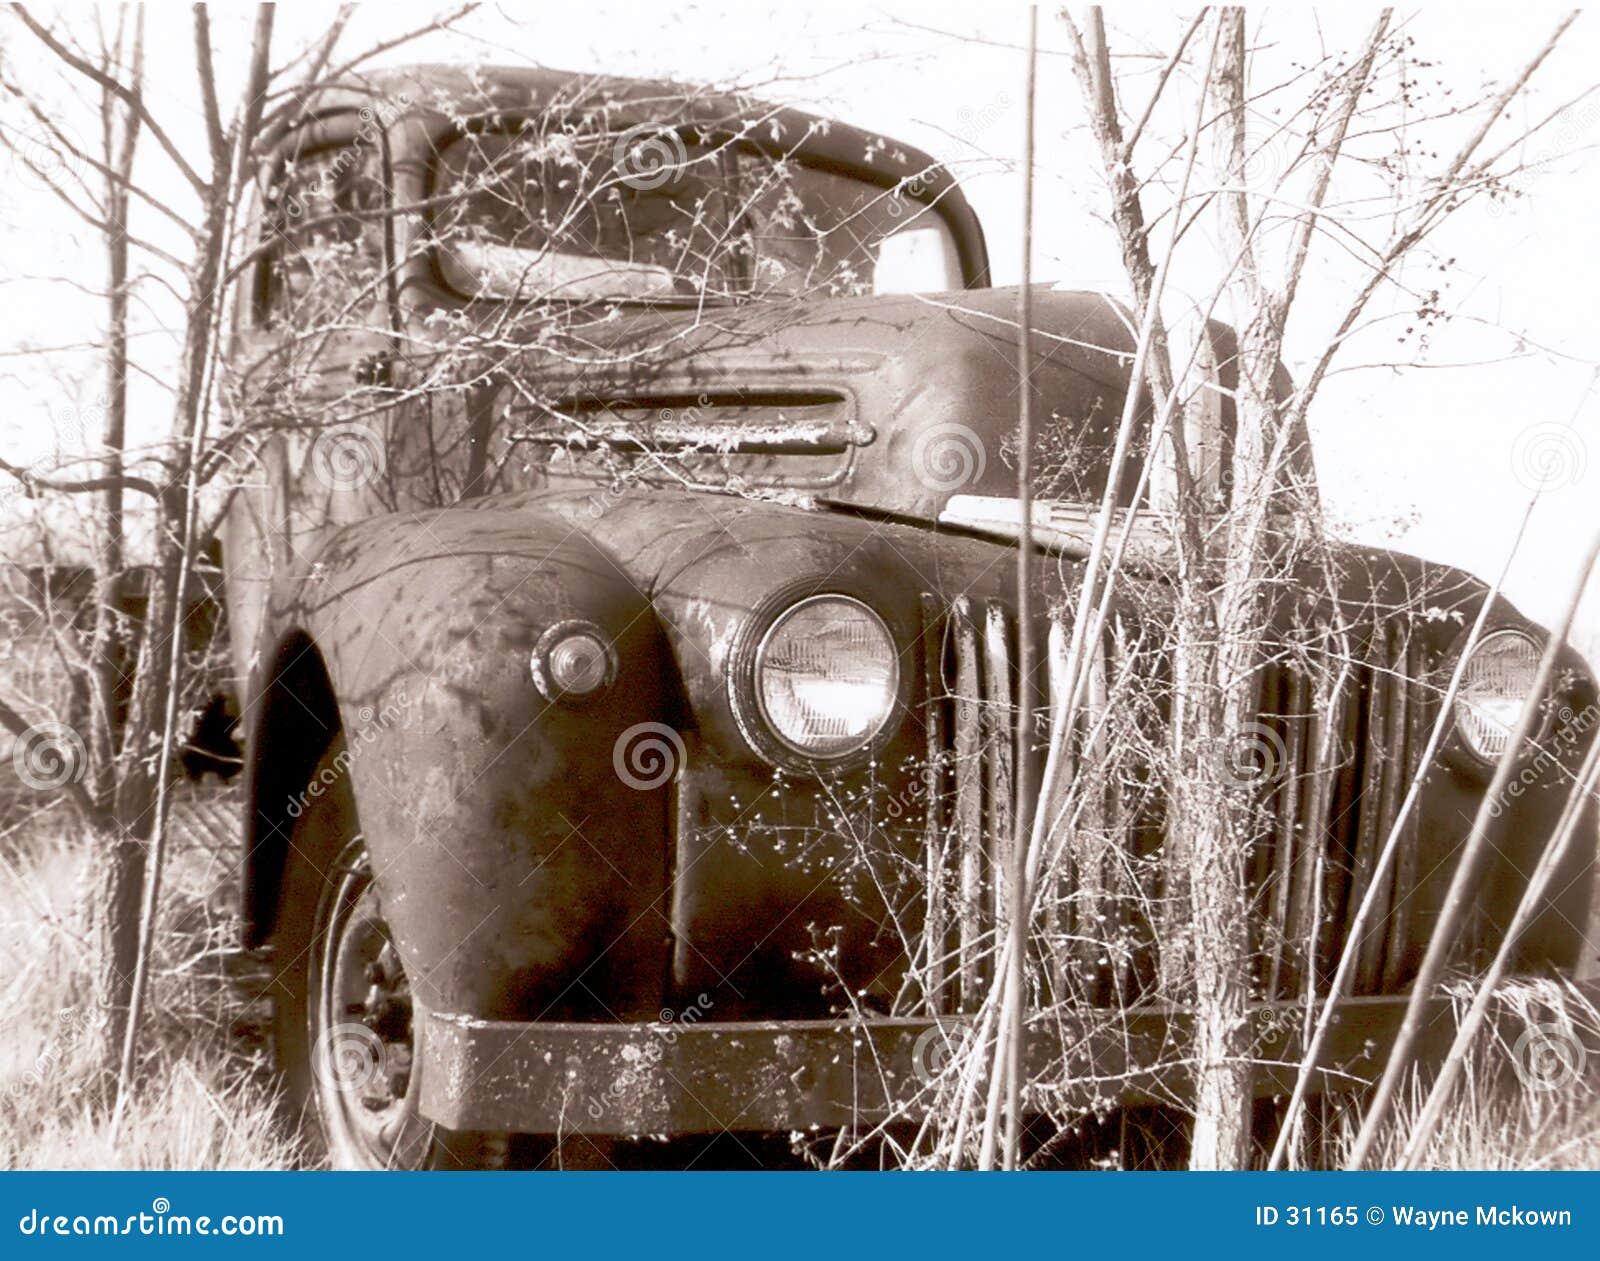 truck,rust,old junk,retro,antique